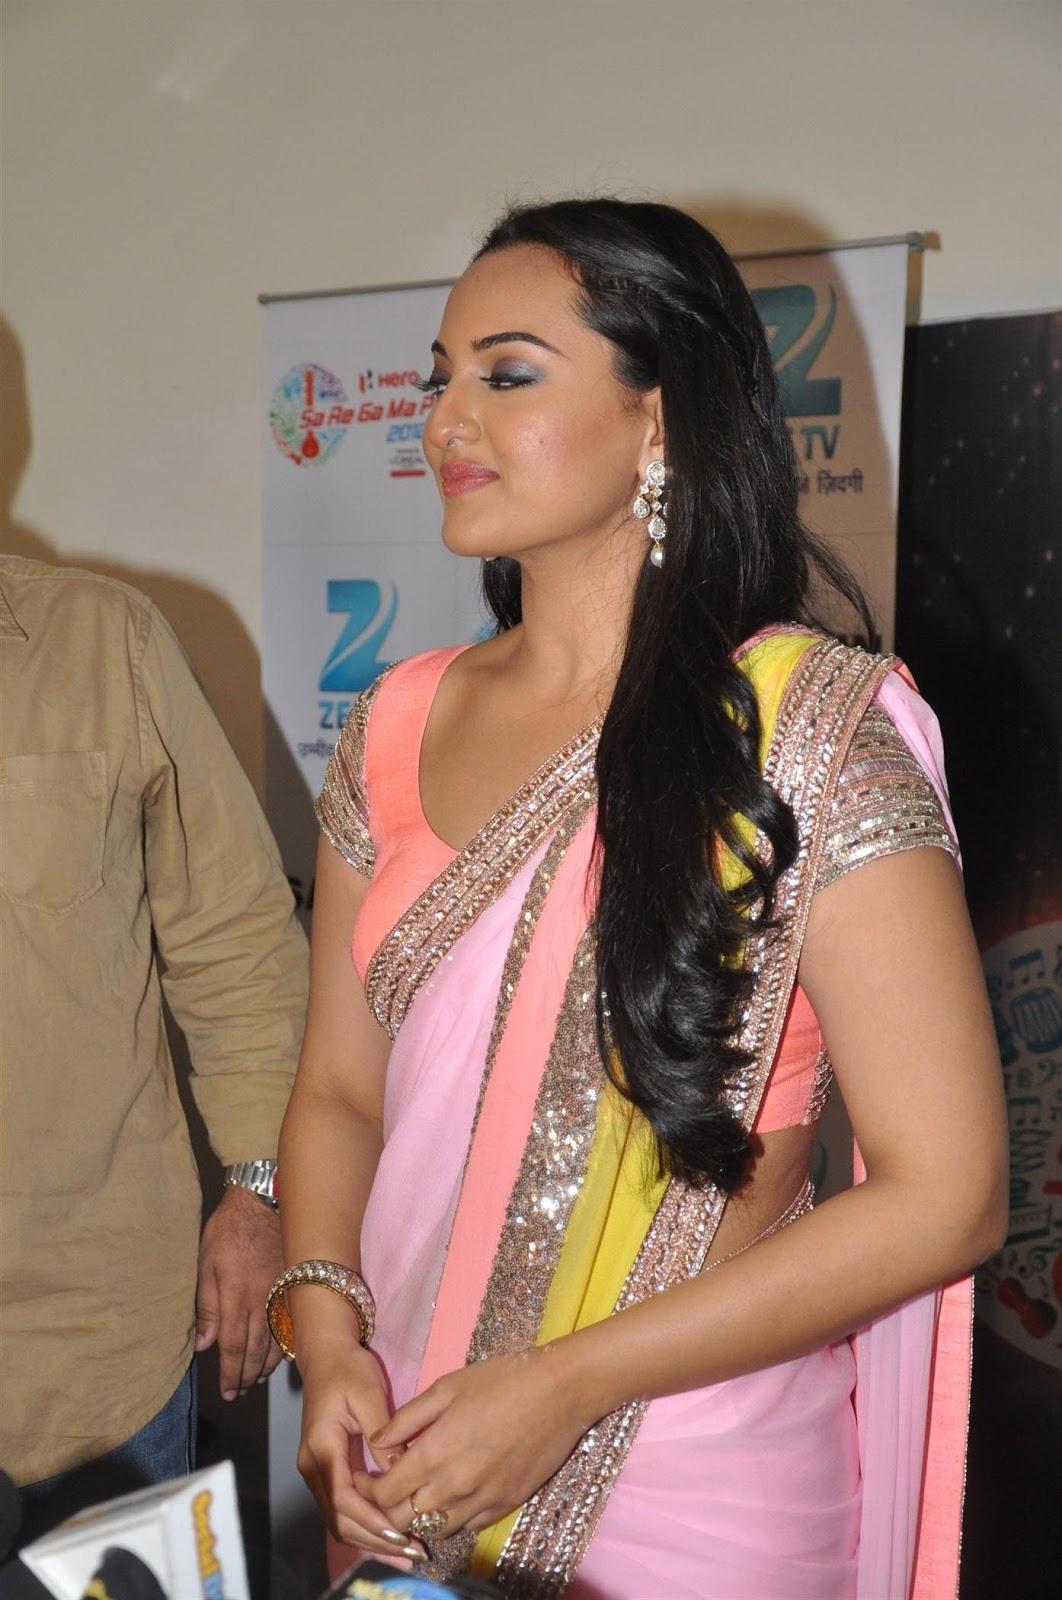 Rakshanda Khan 2000 nudes (44 pictures) Ass, iCloud, cleavage